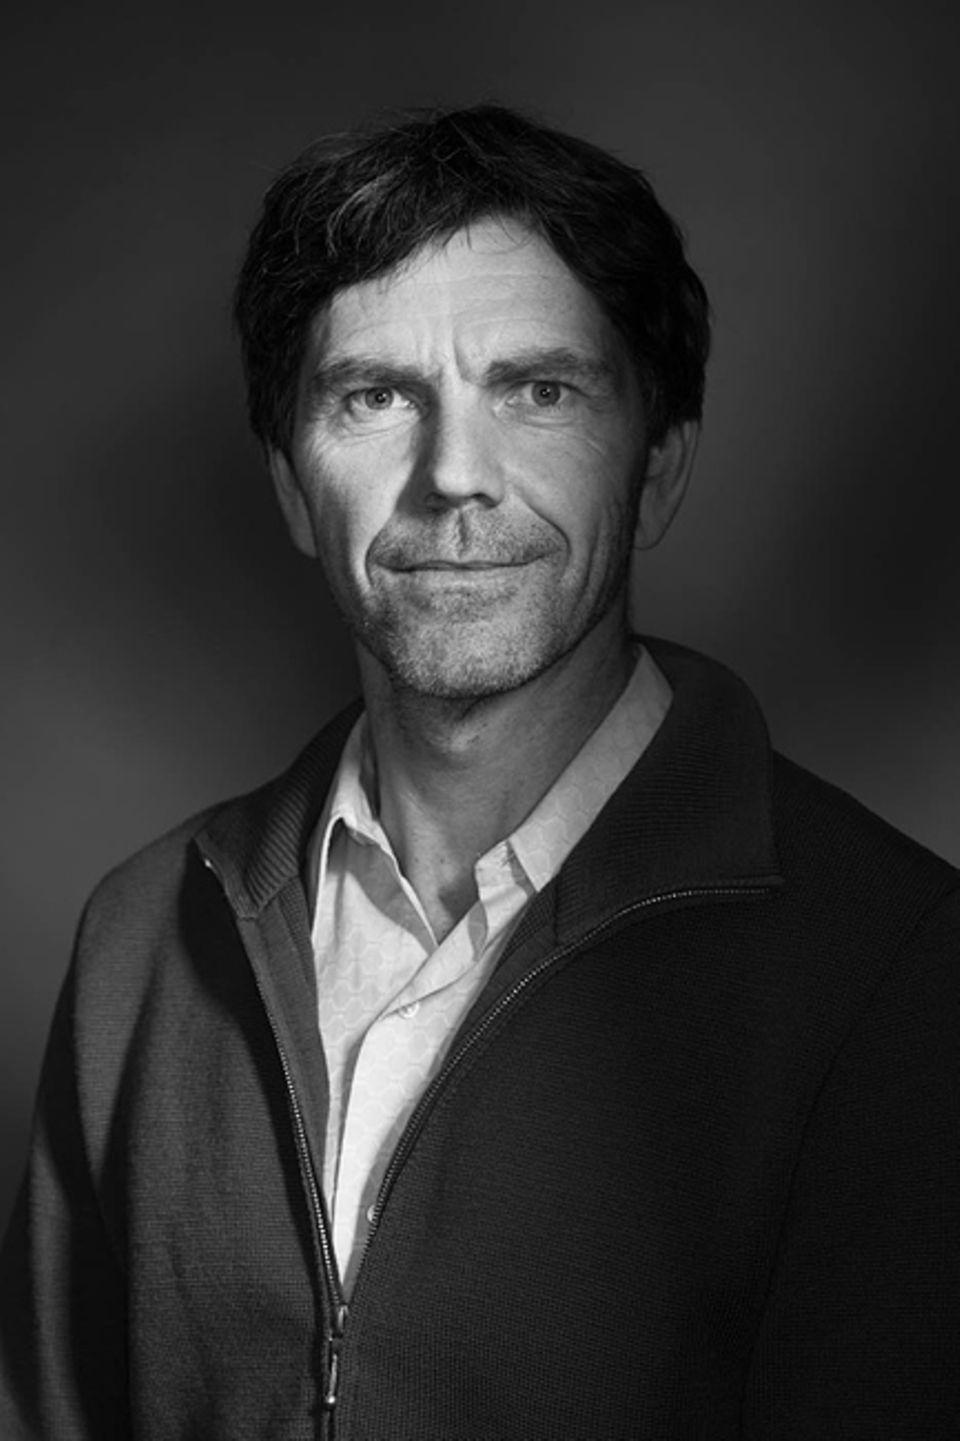 """Ernährung: Harald Lemke, 49, lehrt als Philosoph an den Universitäten Hamburg und Salzburg, ist Gastprofessor in Kyoto und Shanghai, lebt, gärtnert und kocht in Hamburg. Zuletzt erschien von ihm """"Über das Essen"""" (Wilhelm Fink Verlag)"""